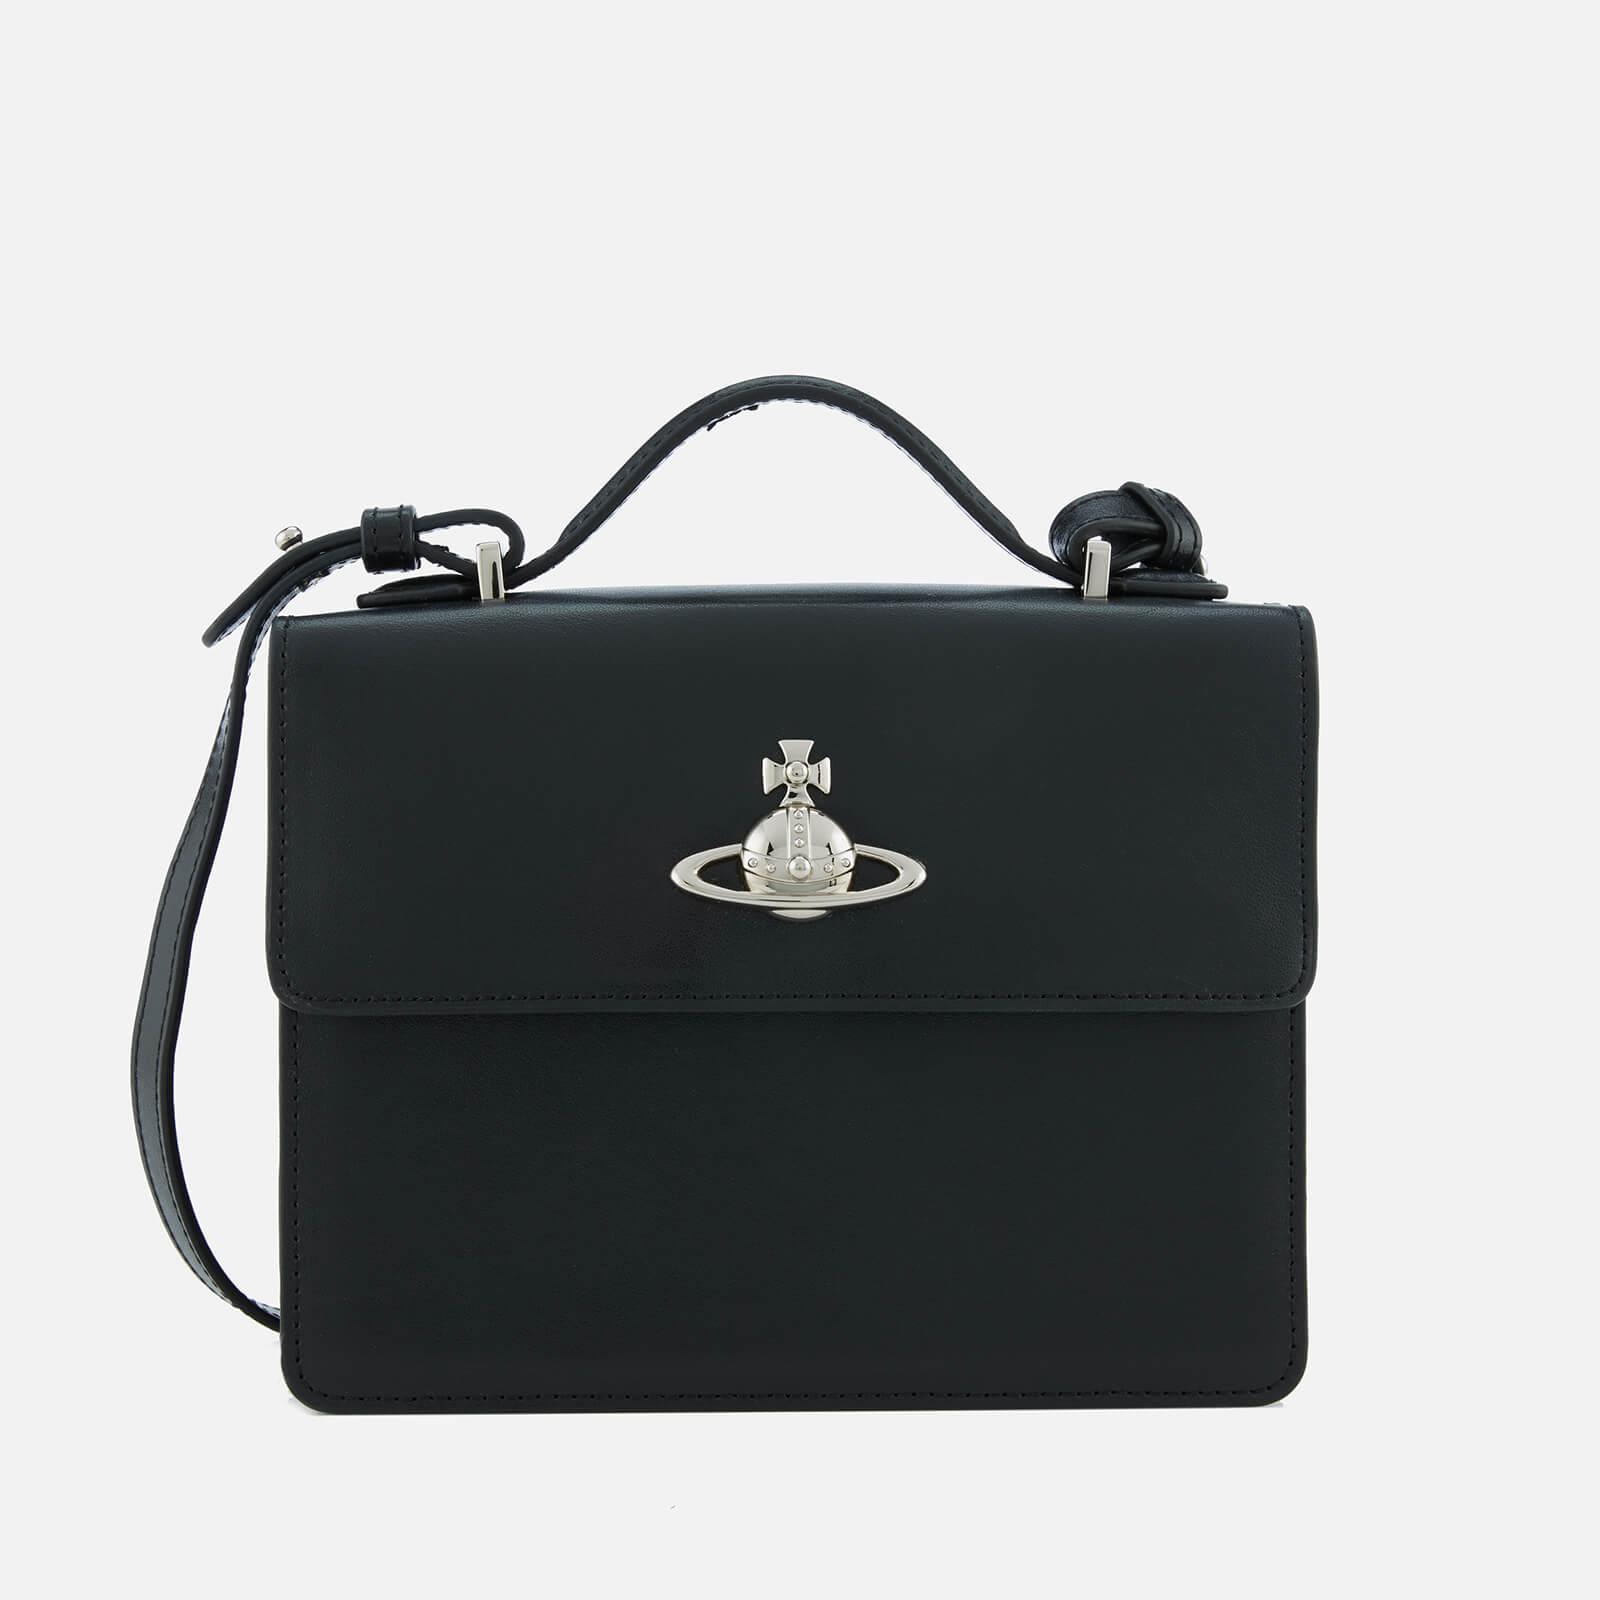 Vivienne Westwood Women s Matilda Medium Shoulder Bag - Black - Free UK  Delivery over £50 32f3f7fba418d